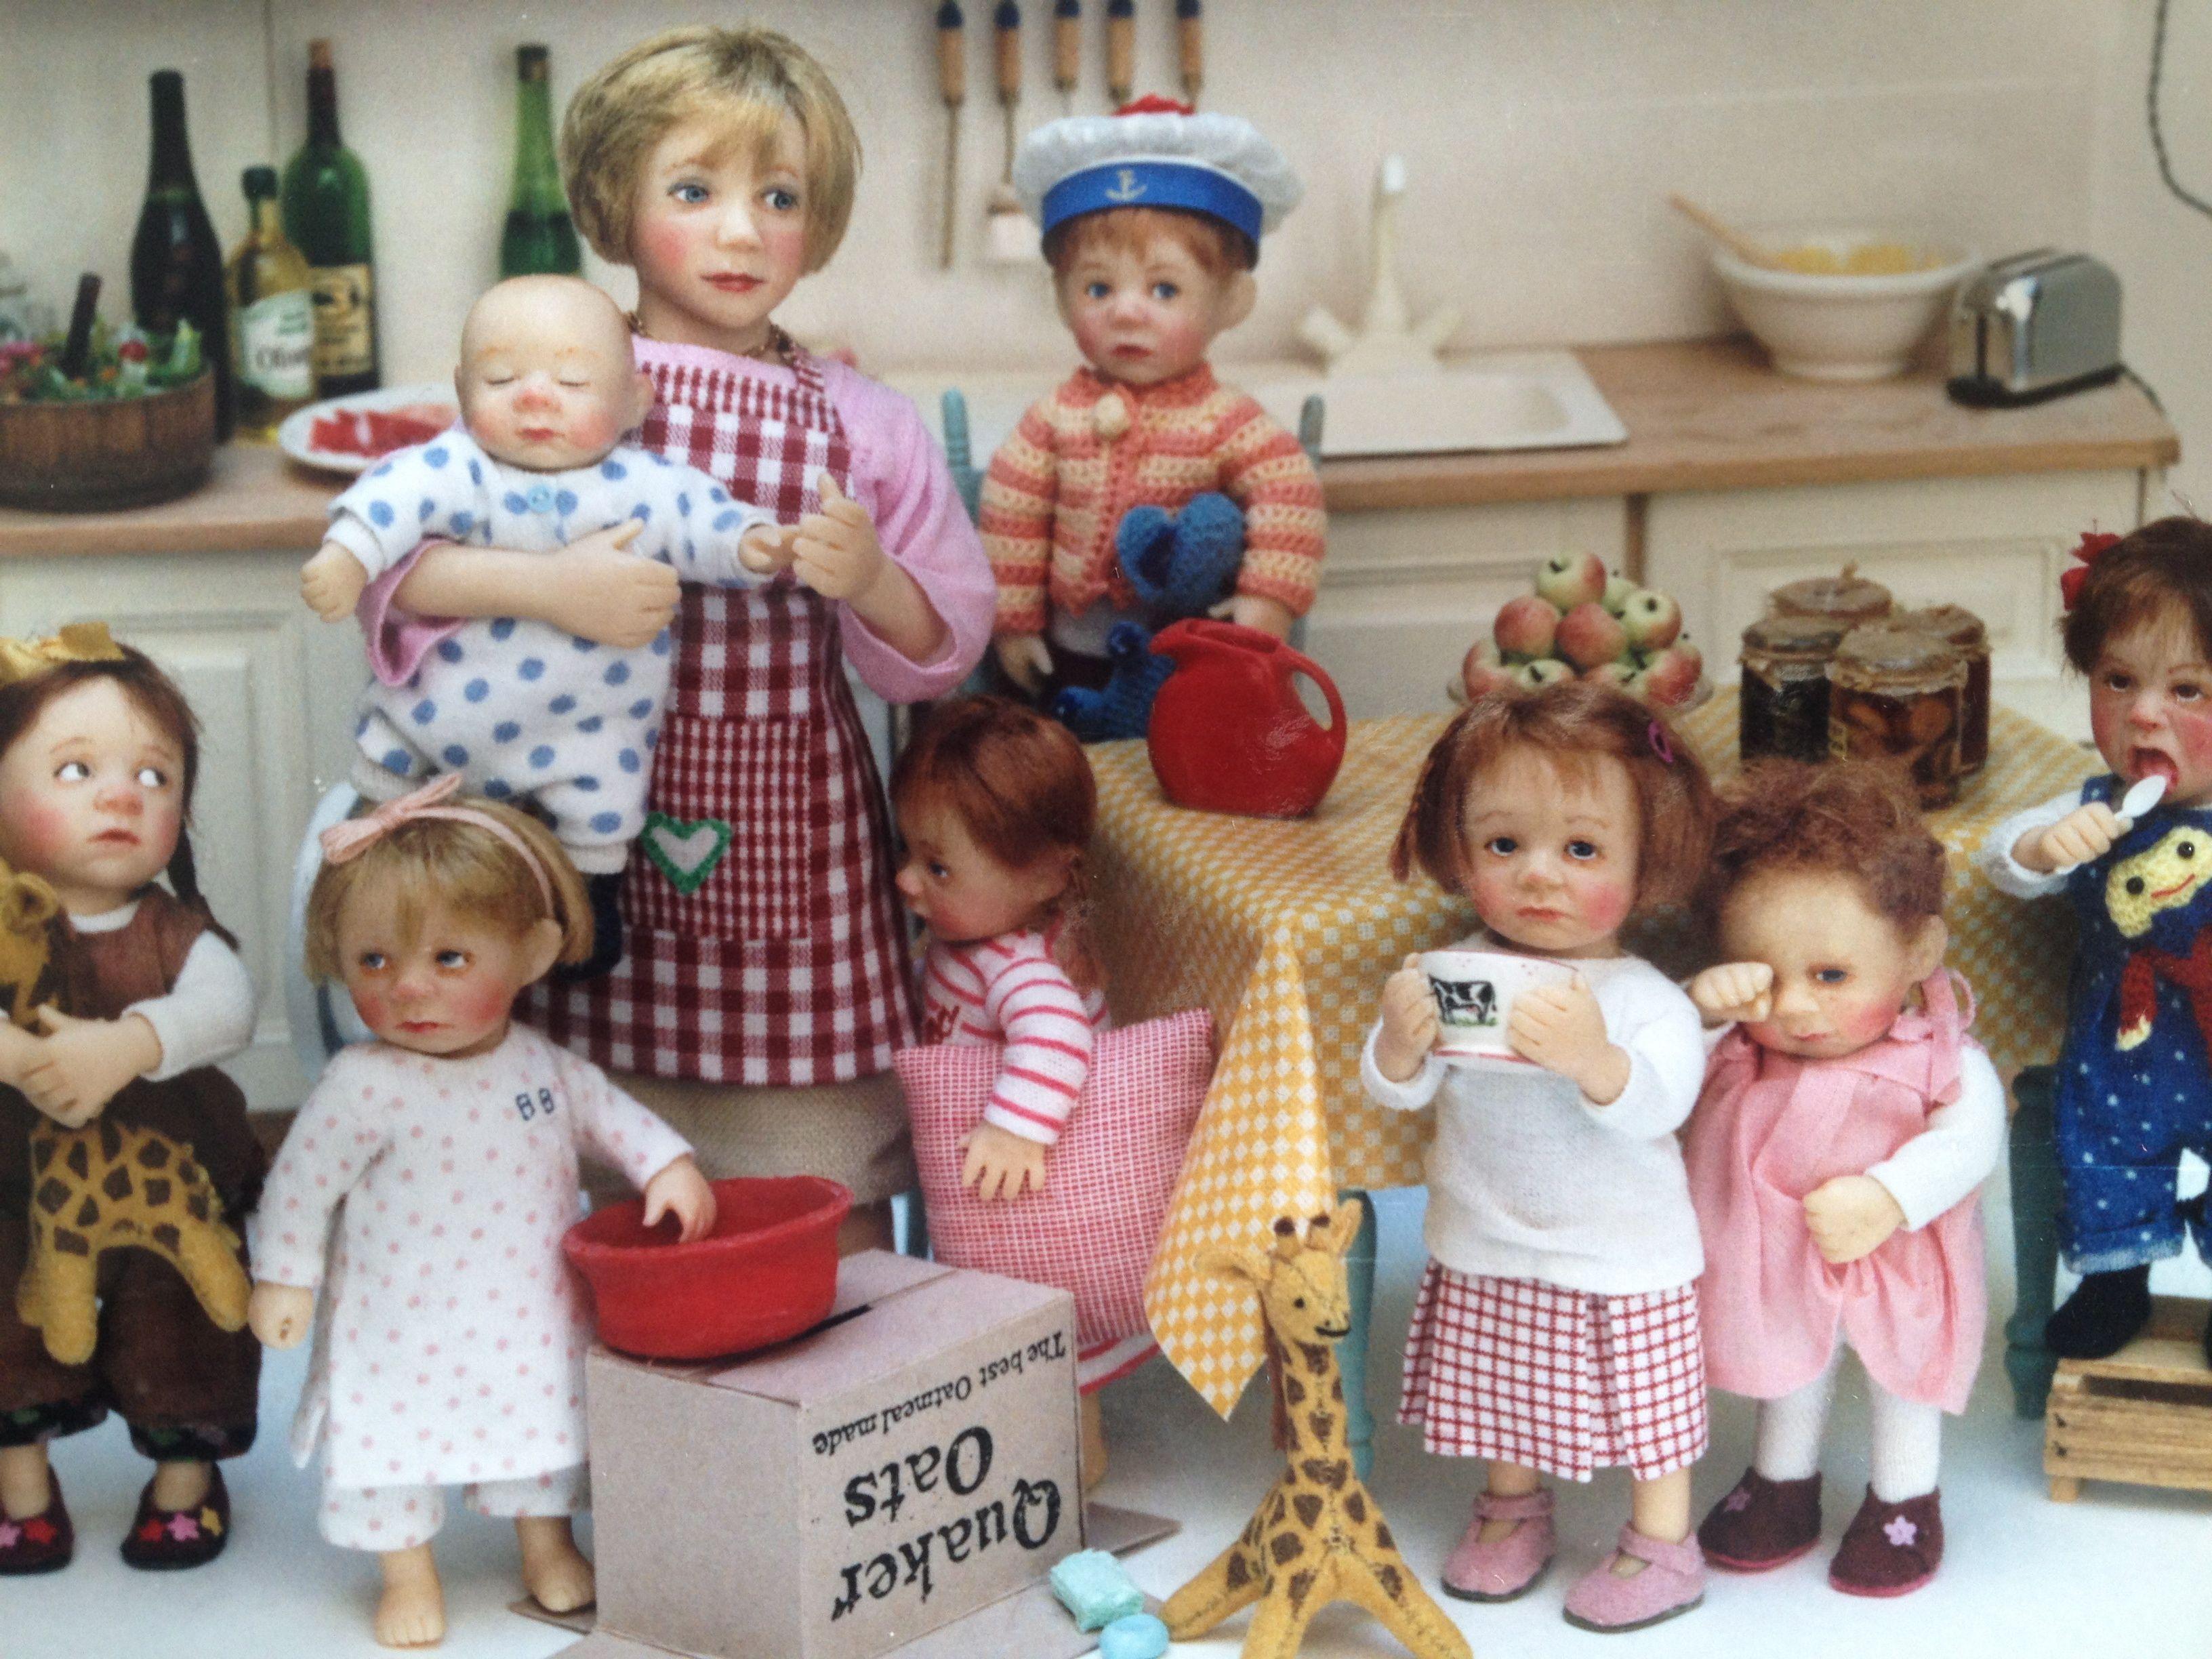 1:12 scale Quaker Oats Maison de Poupées Miniature